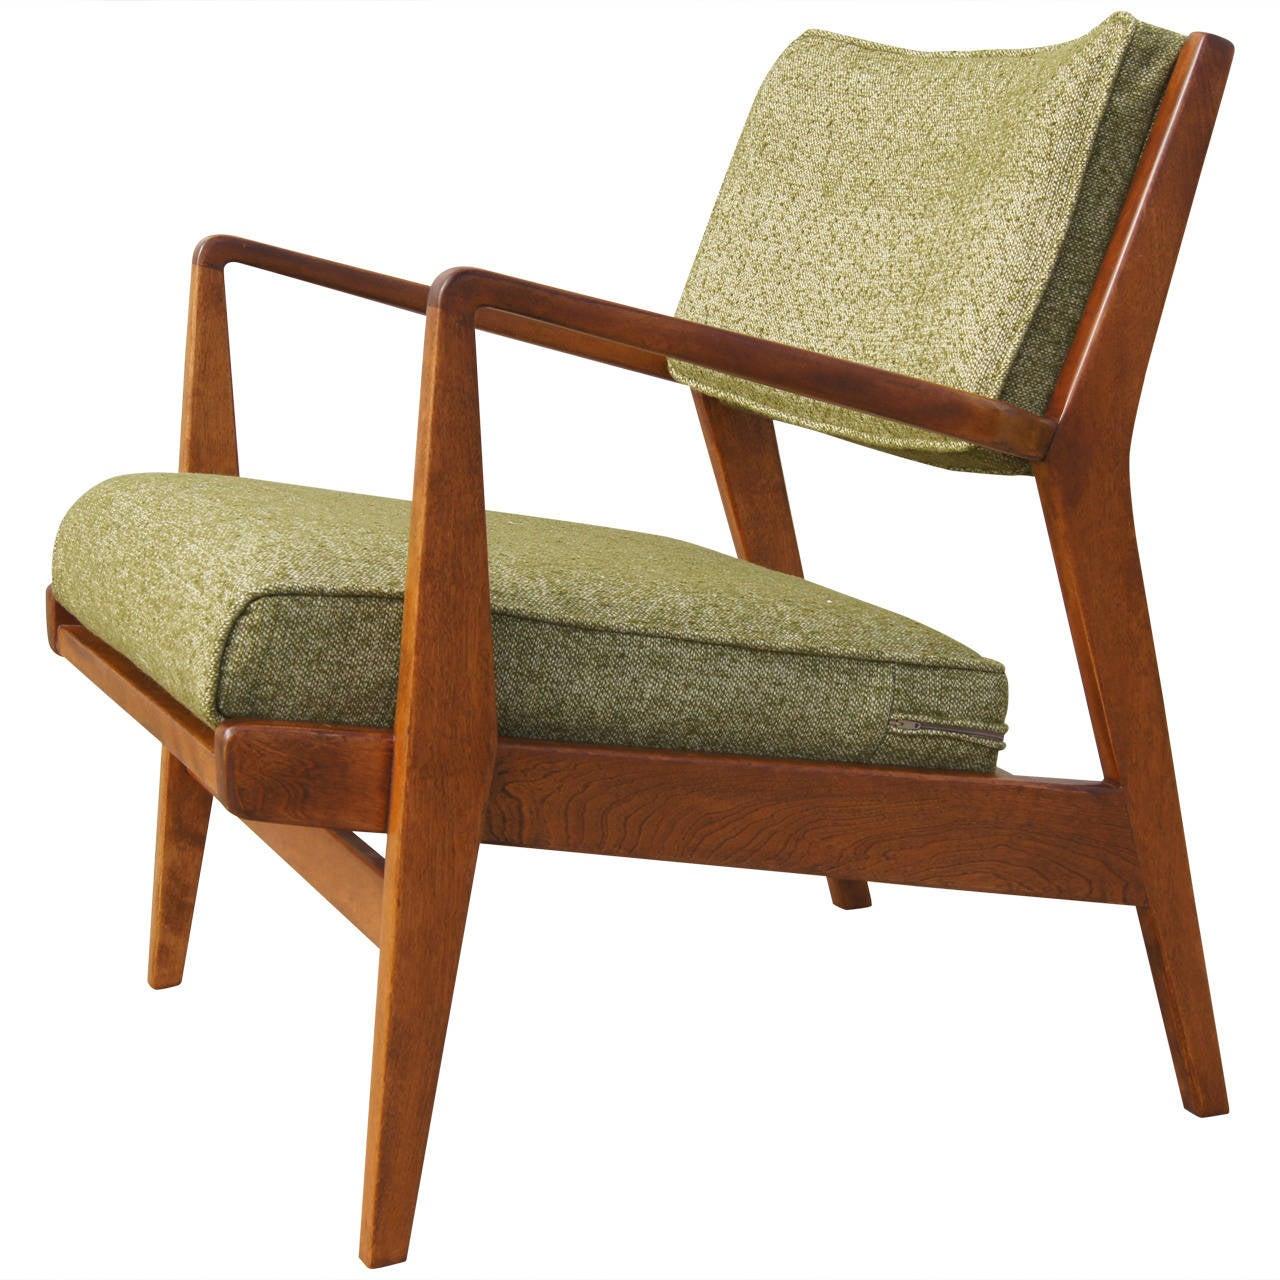 Bon Low Armchair, Model U 430, In Walnut By Jens Risom For Sale